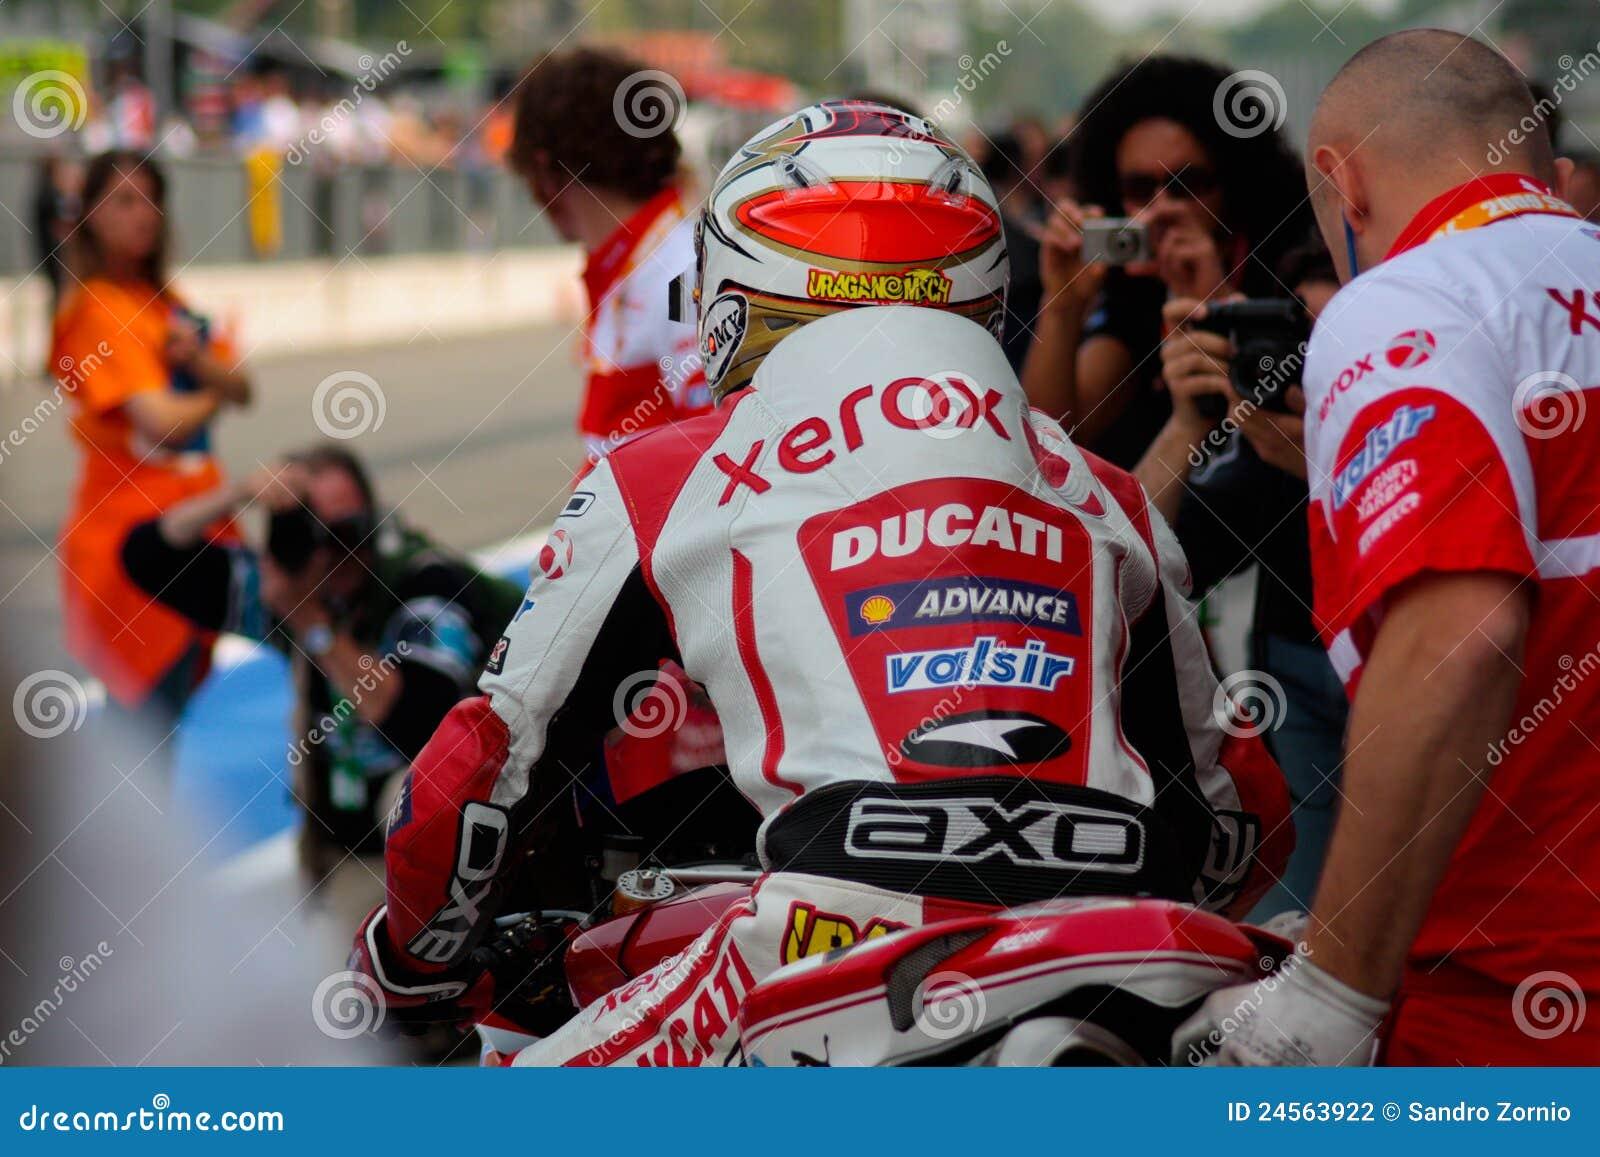 Michel Fabrizio Ducati 1998 Xerox team